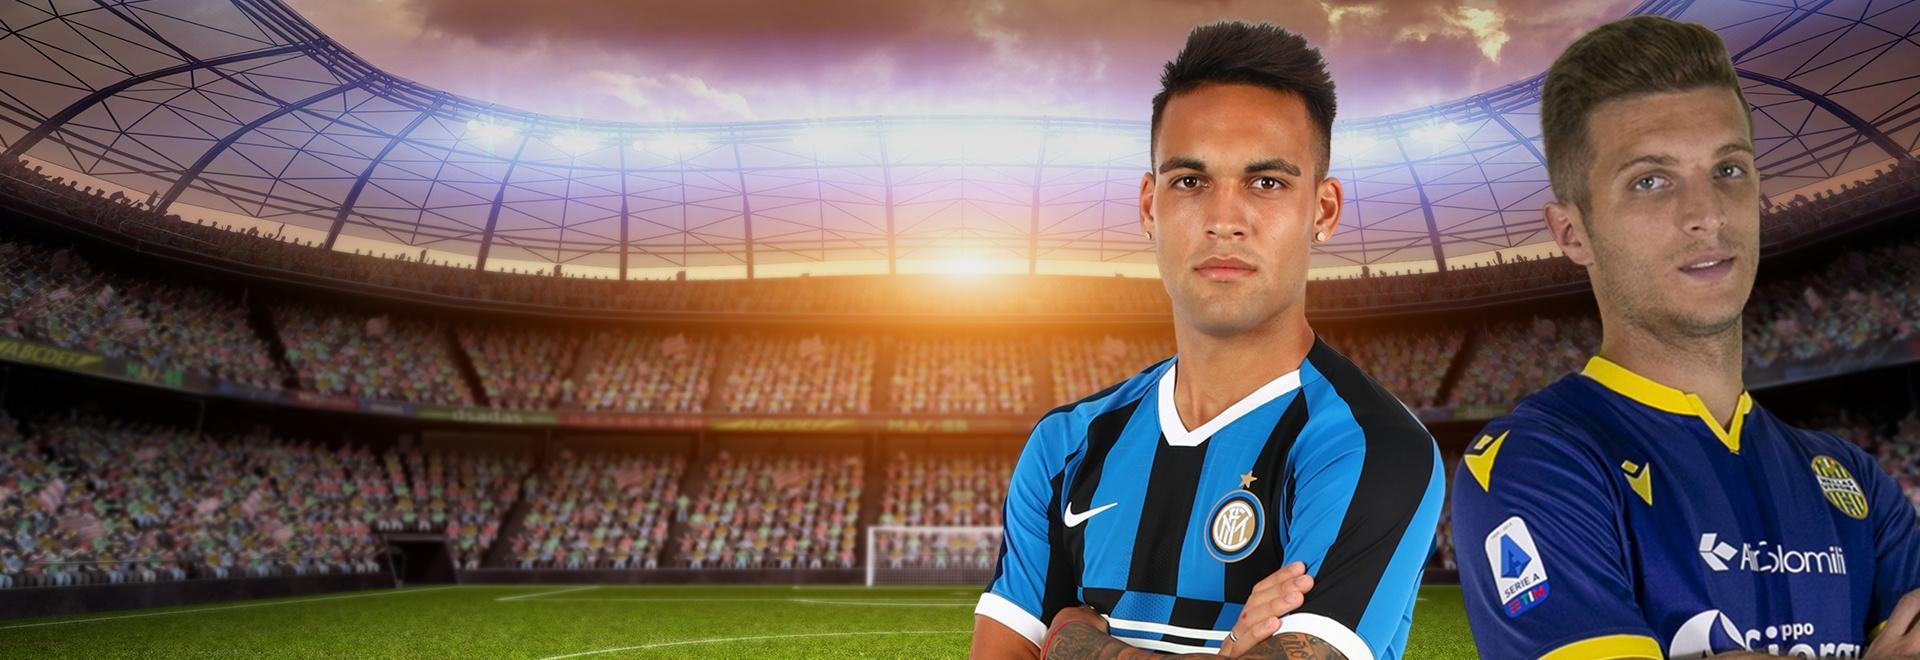 Inter - Verona. 12a g.